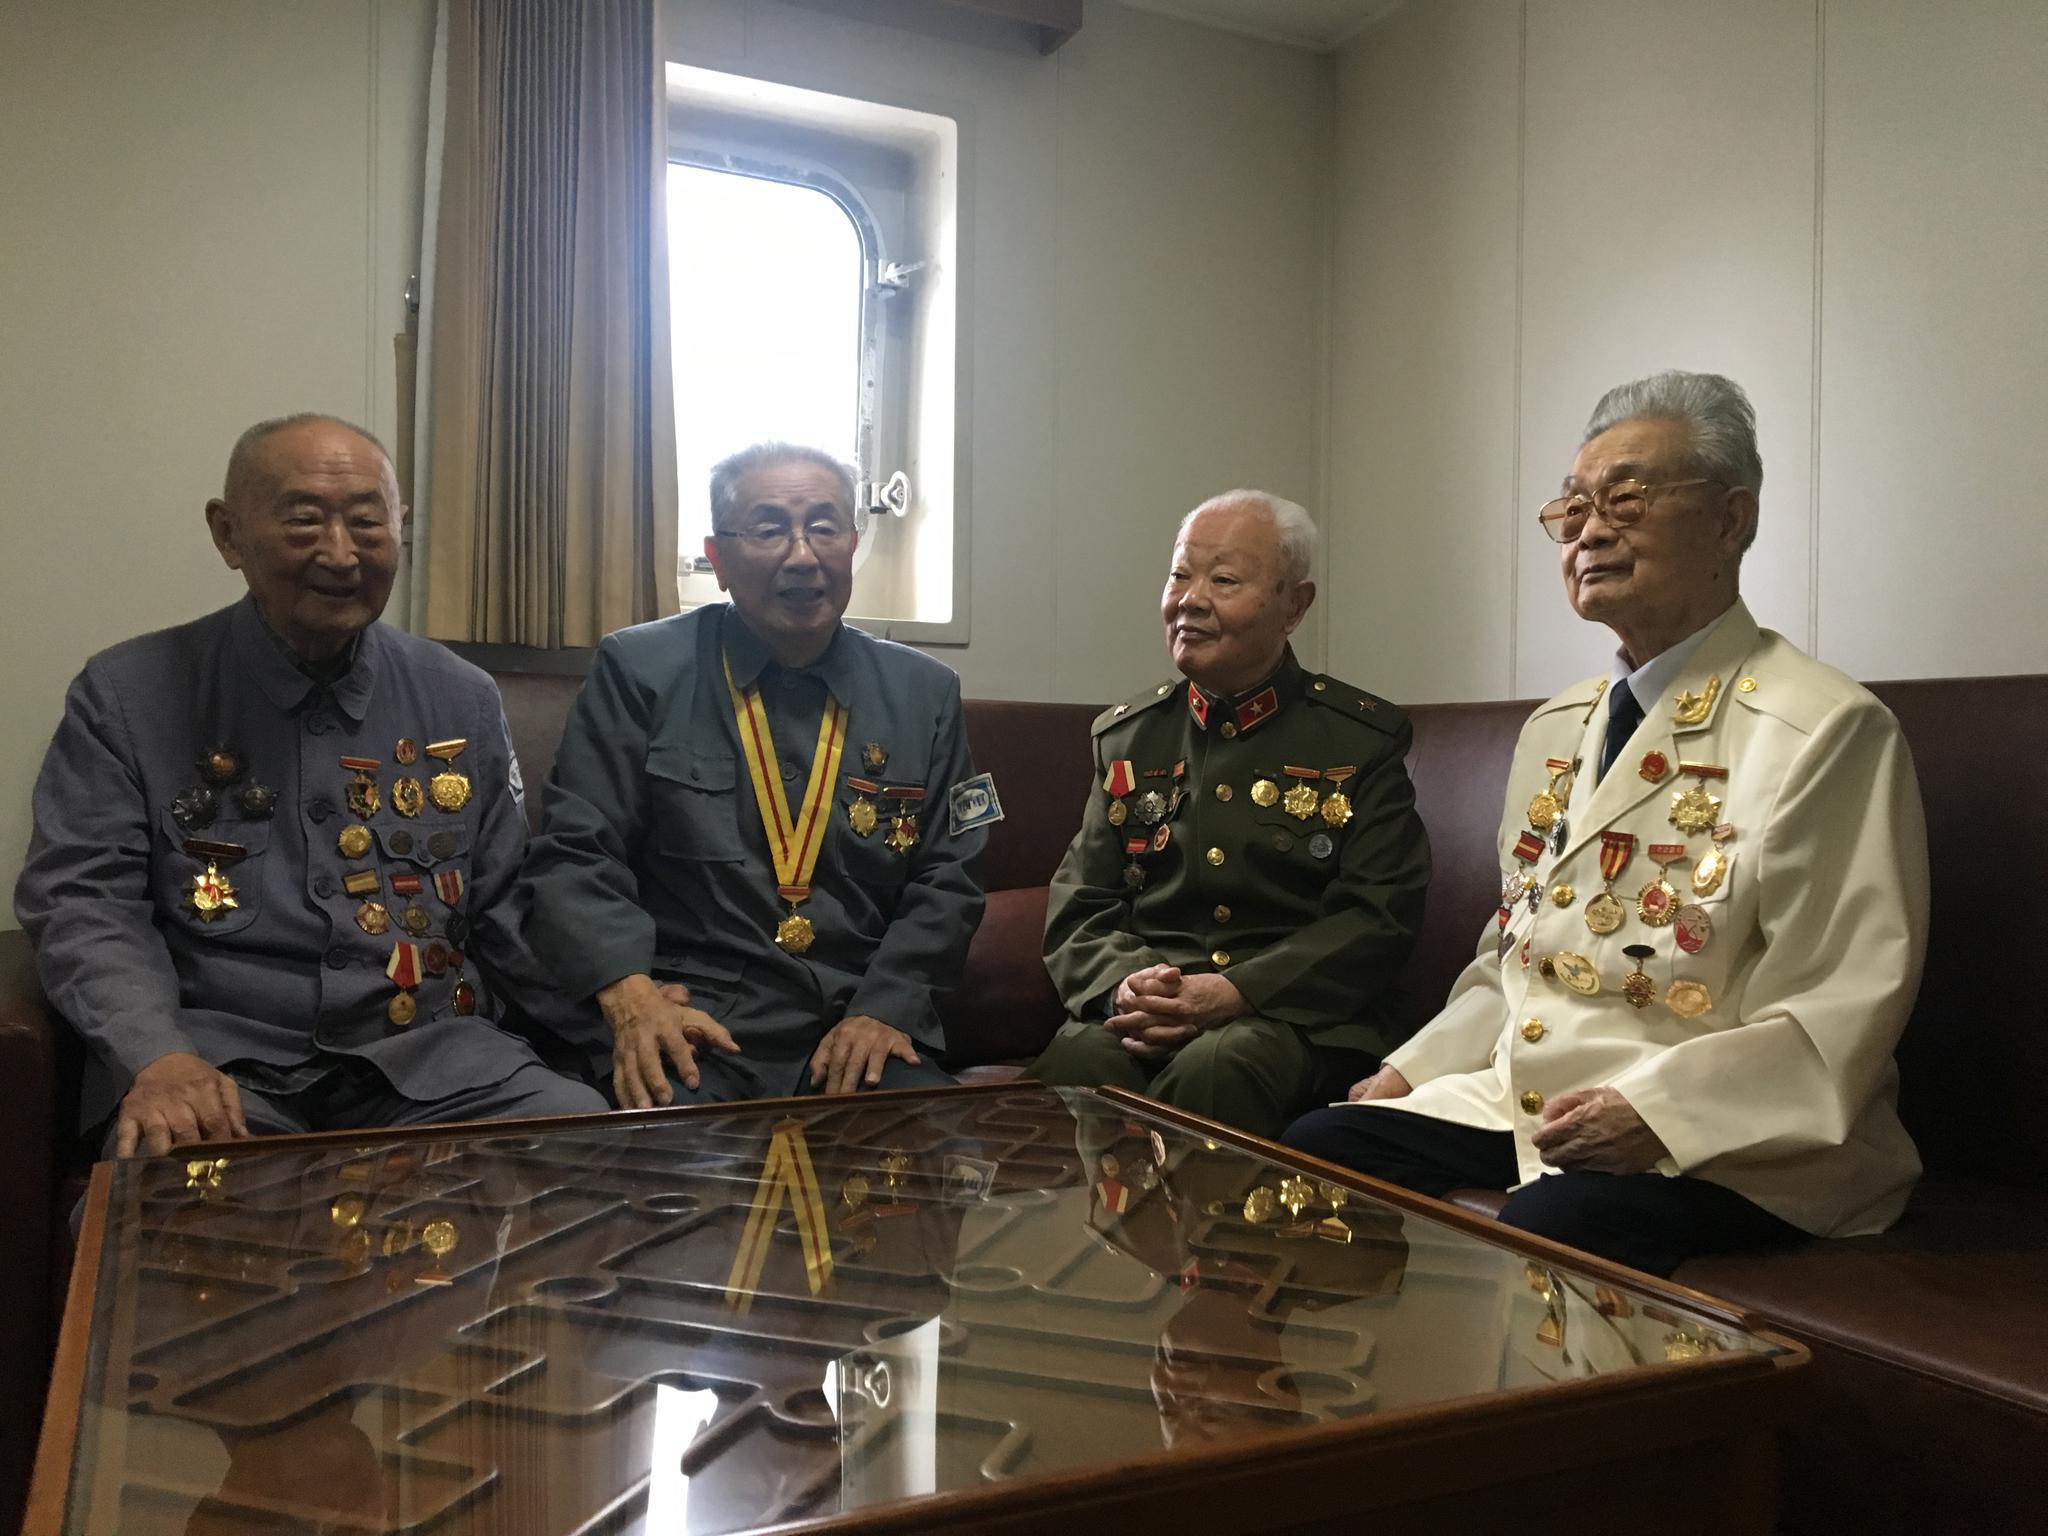 除了日行四千步,96岁老兵用另一个爱好,总结出一生的做人做事感悟